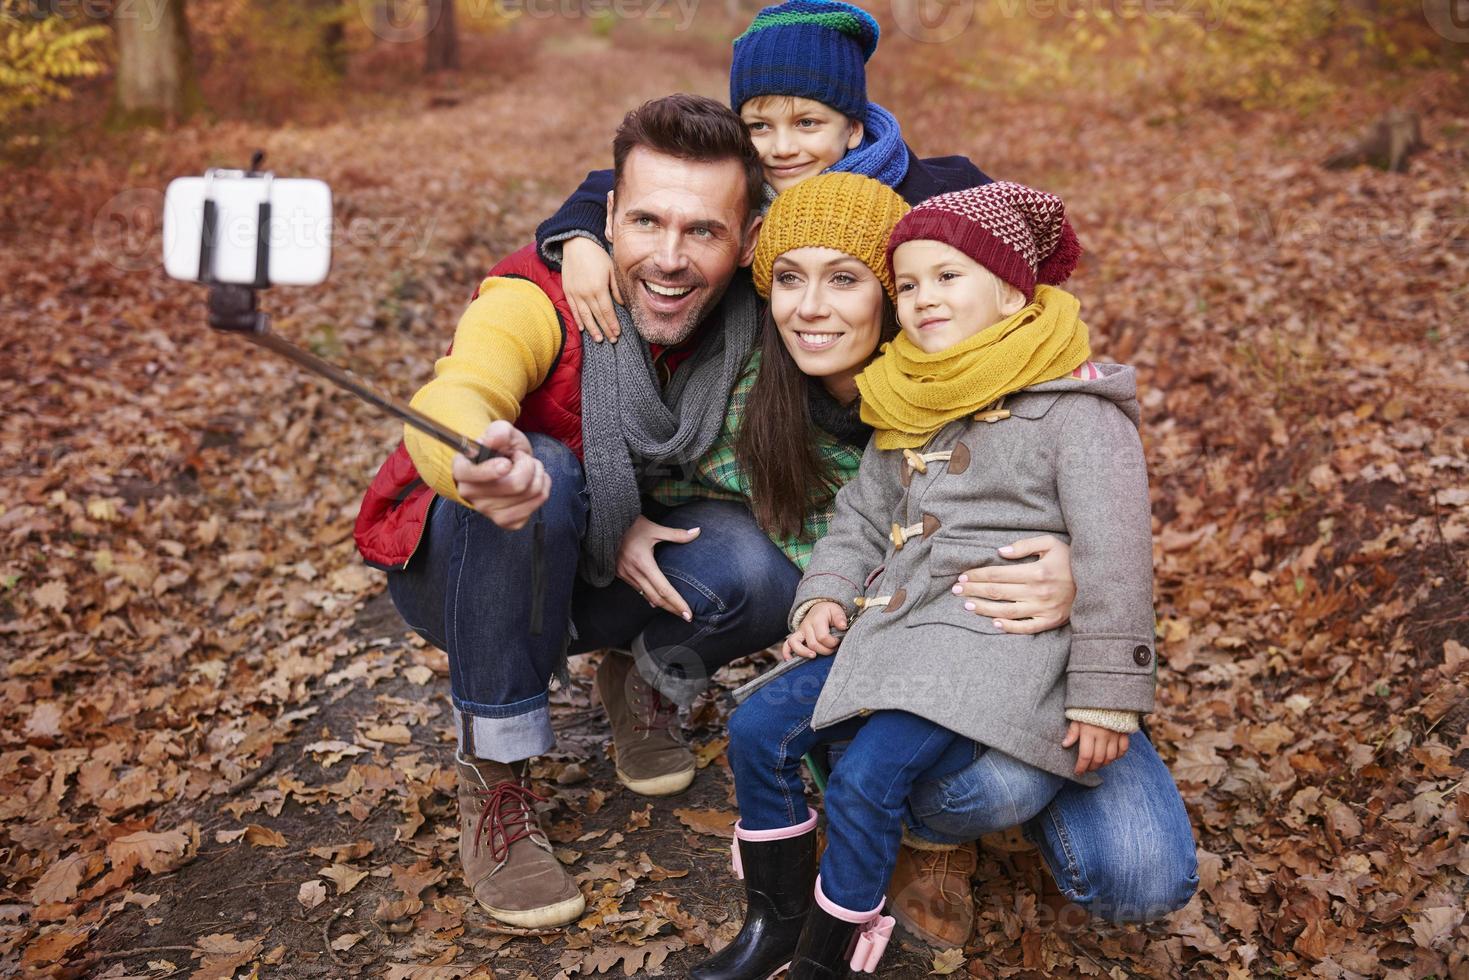 selfie di famiglia dal viaggio nella foresta foto